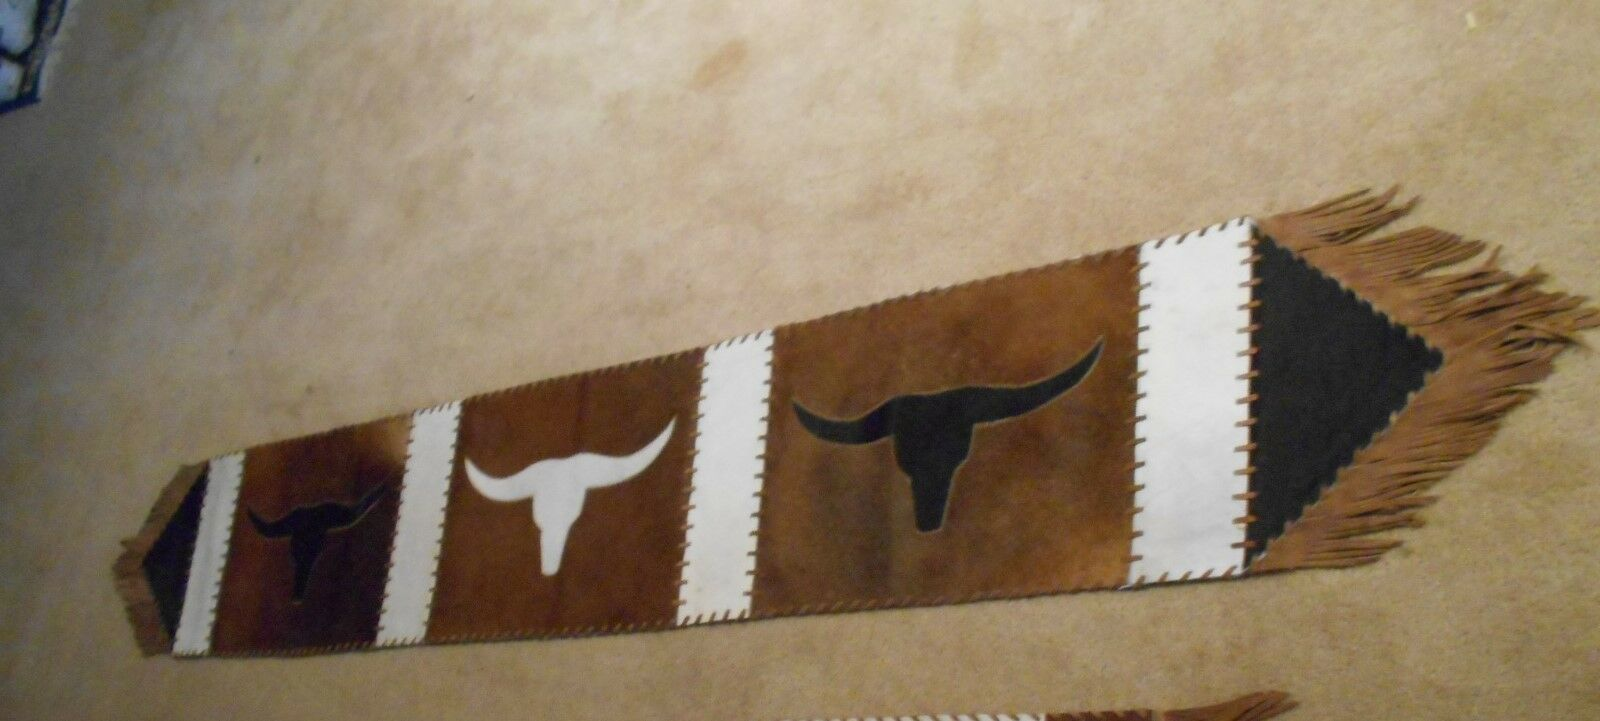 Western bovin Longhorn Decor Table Runner 14X84 Texas Longhorn décor  56 Tan